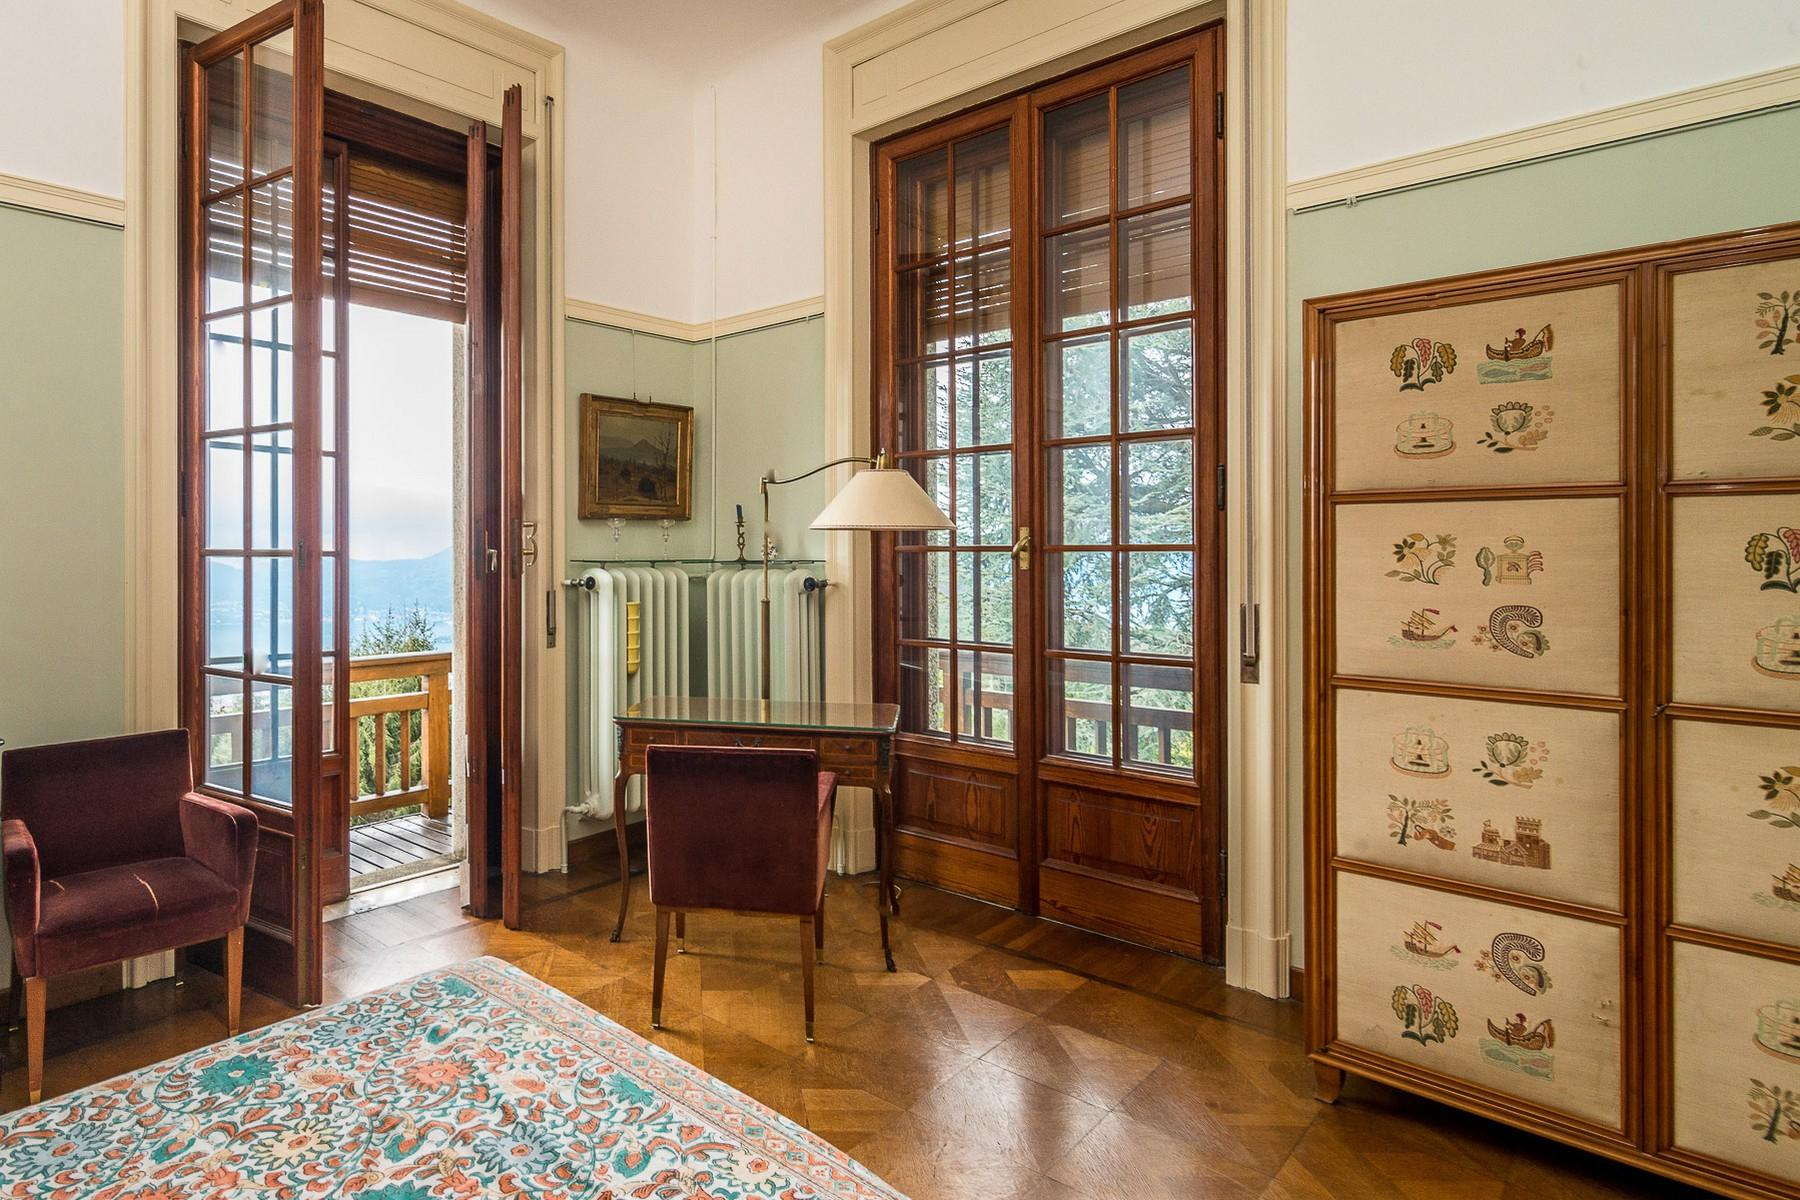 Historische Villa im jahrhundertalten Park am Lago Maggiore - 13